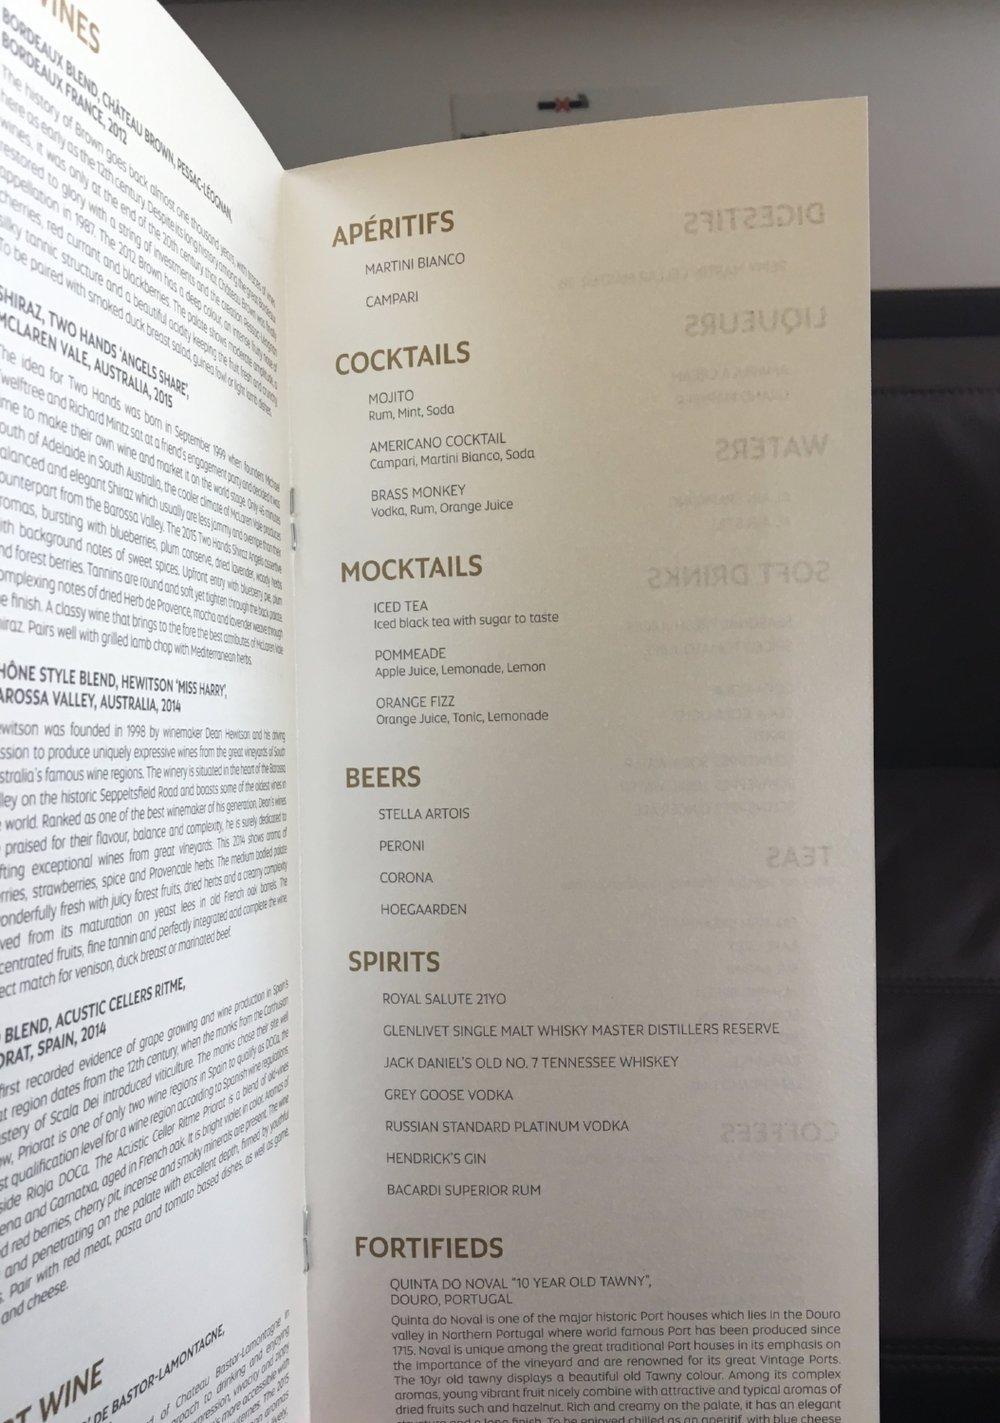 ETIHAD A380 FIRST CLASS MENU